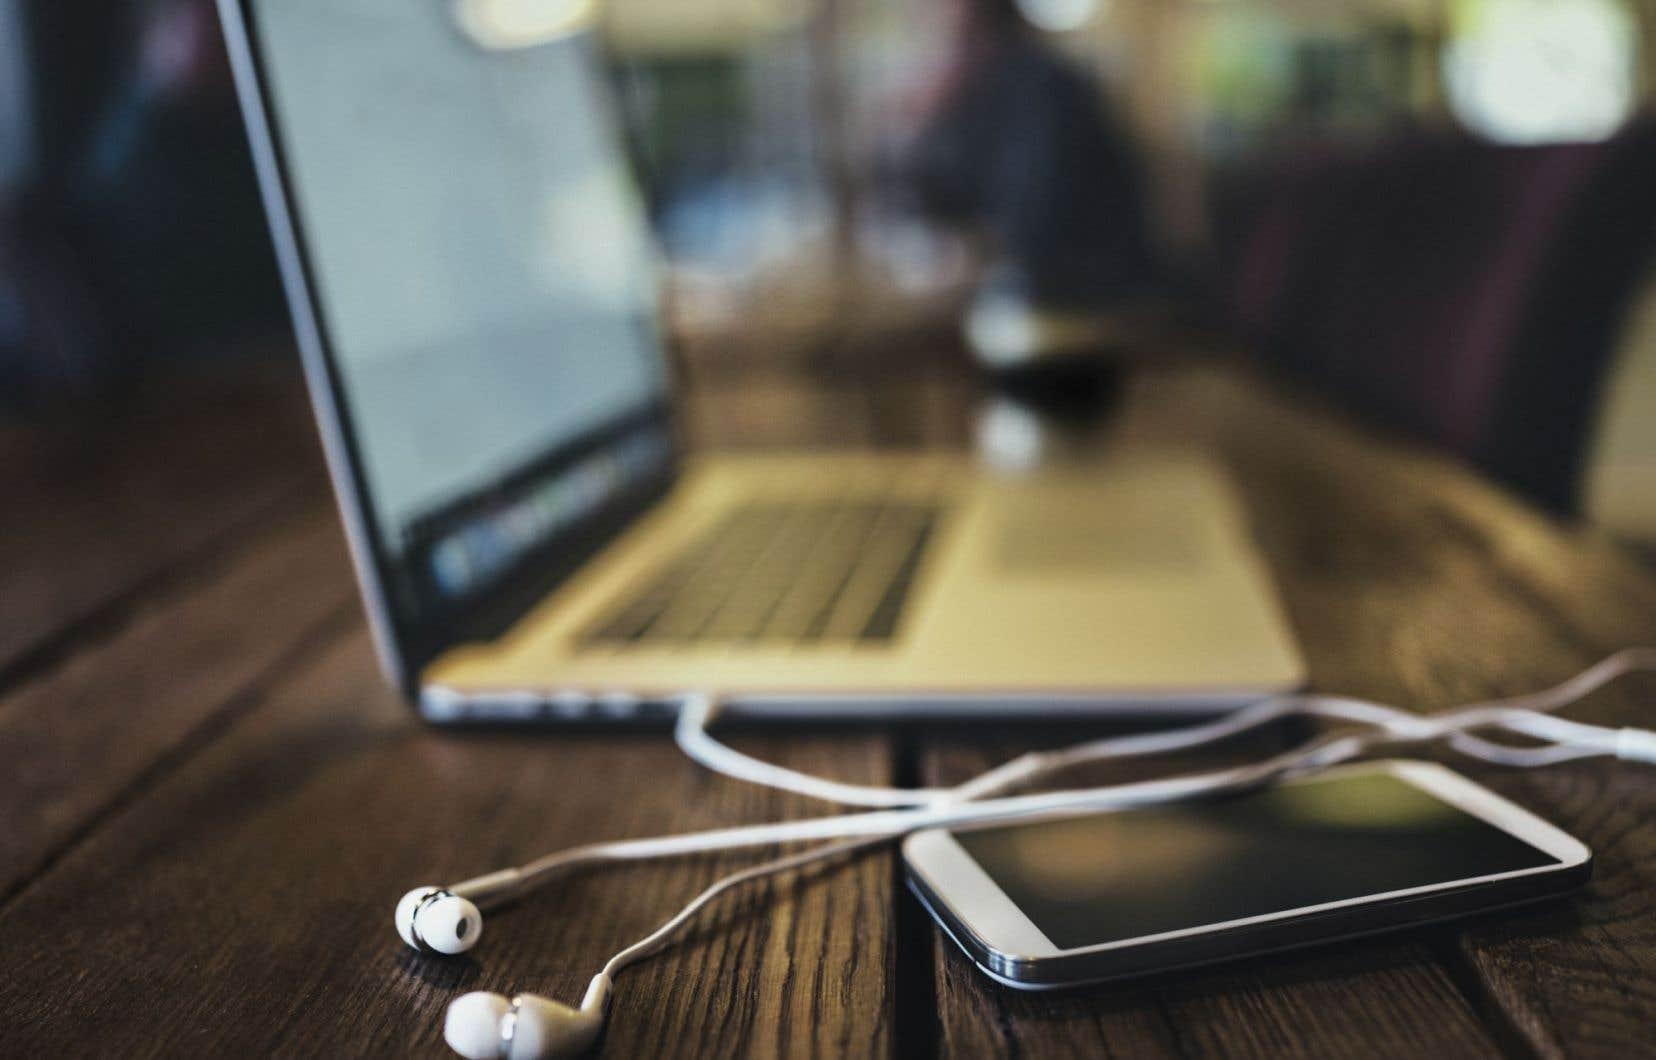 La GRC affirme ne pas écouter le contenu des communications privées, conformément aux directives de la police fédérale et du gouvernement.